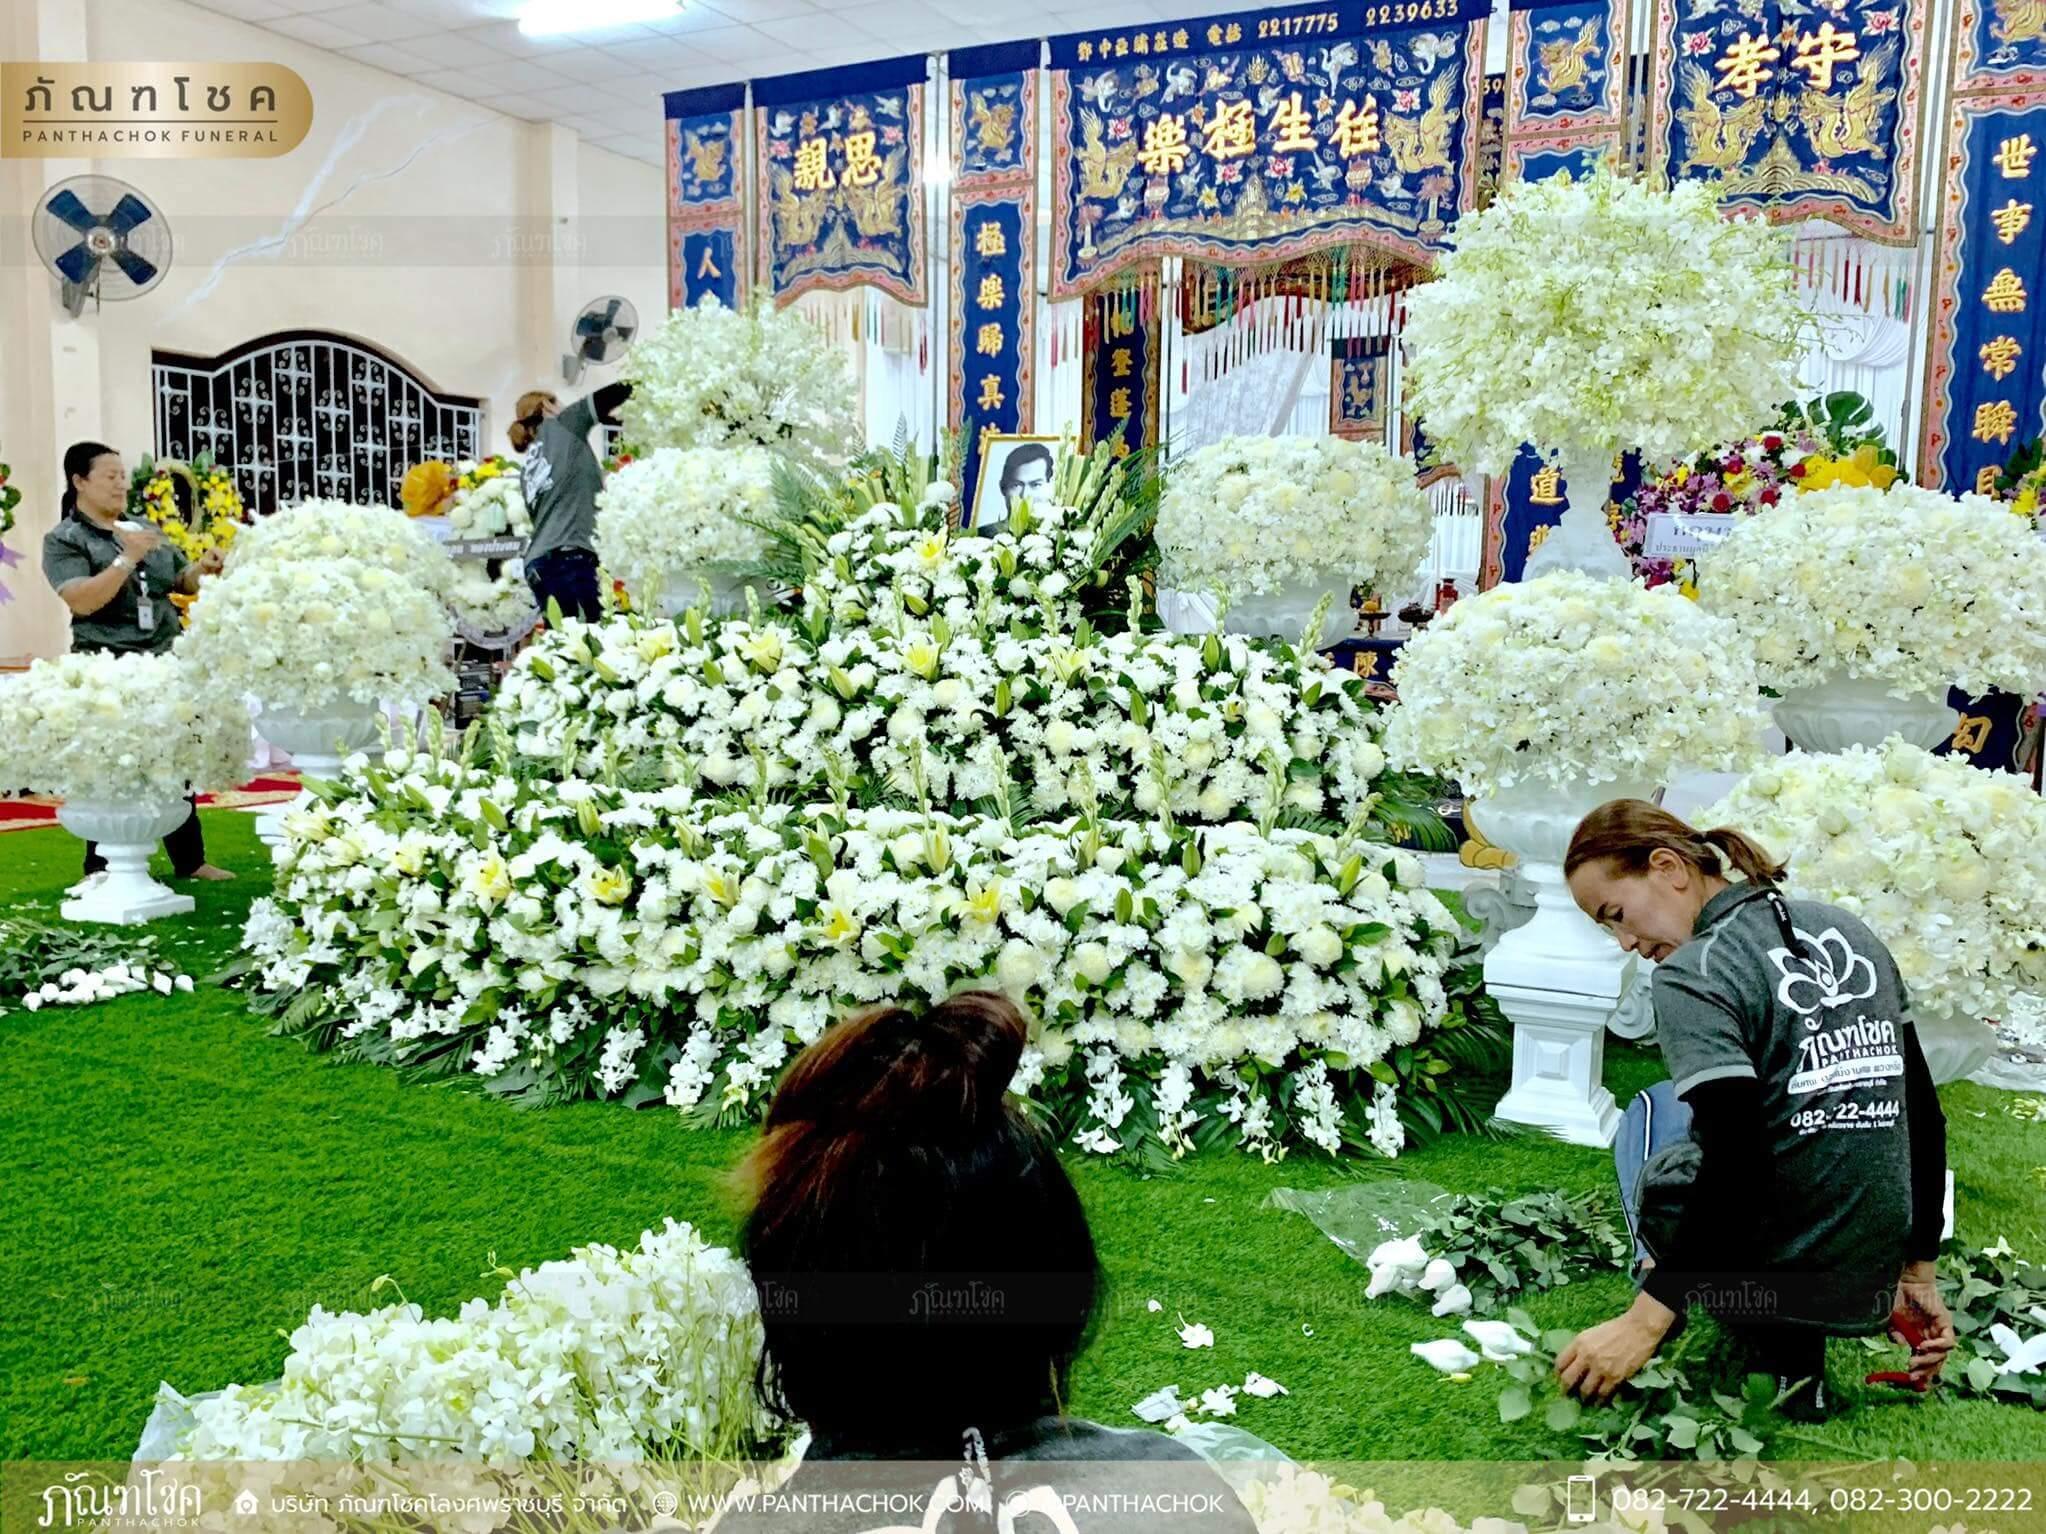 ผลงานจัดดอกไม้ ณ มูลนิธิแพร่ศีลธรรมการกุศลสงเคราะห์ 2